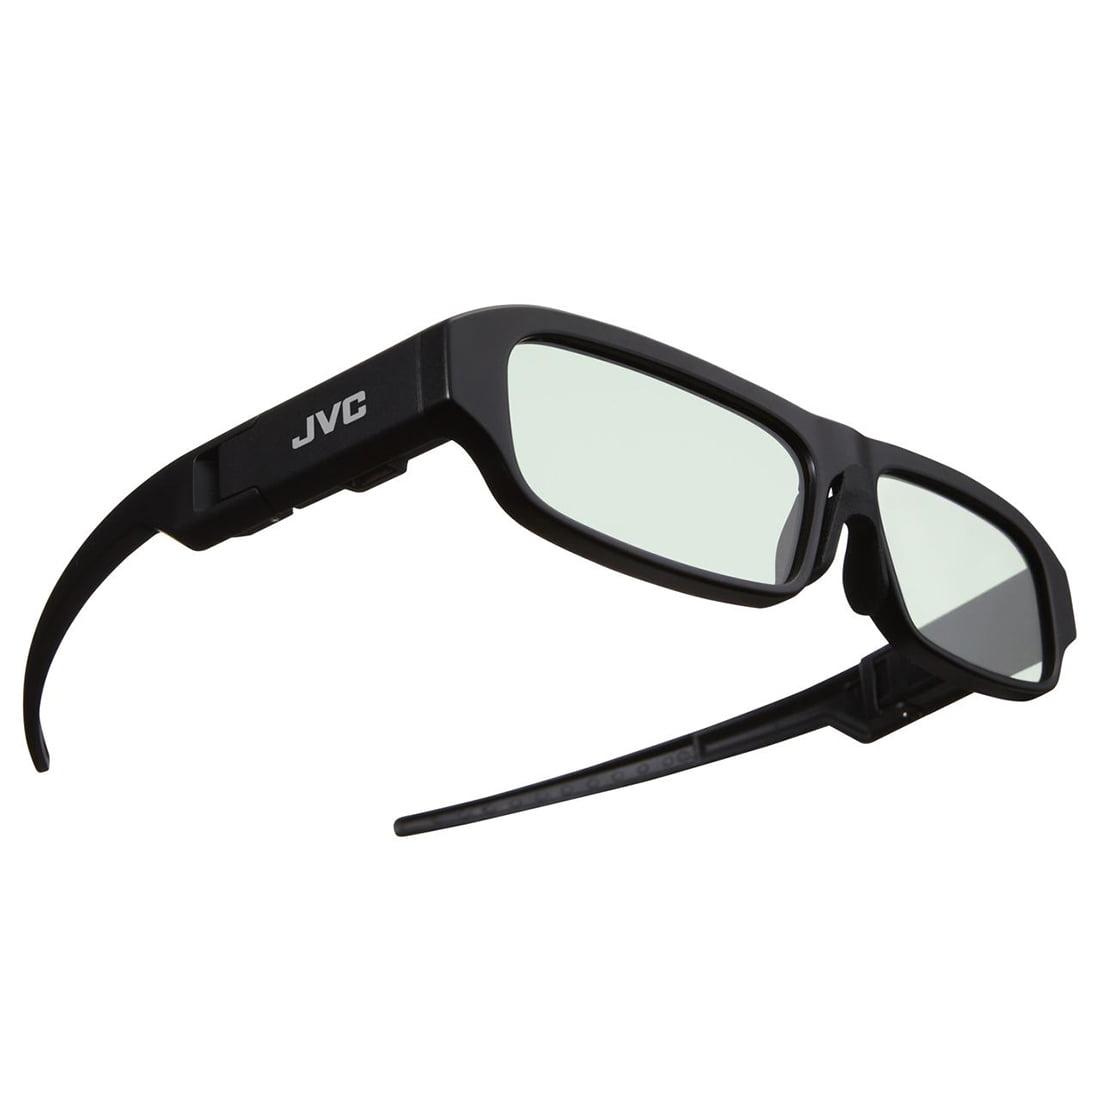 D Glasses For Jvc Tv